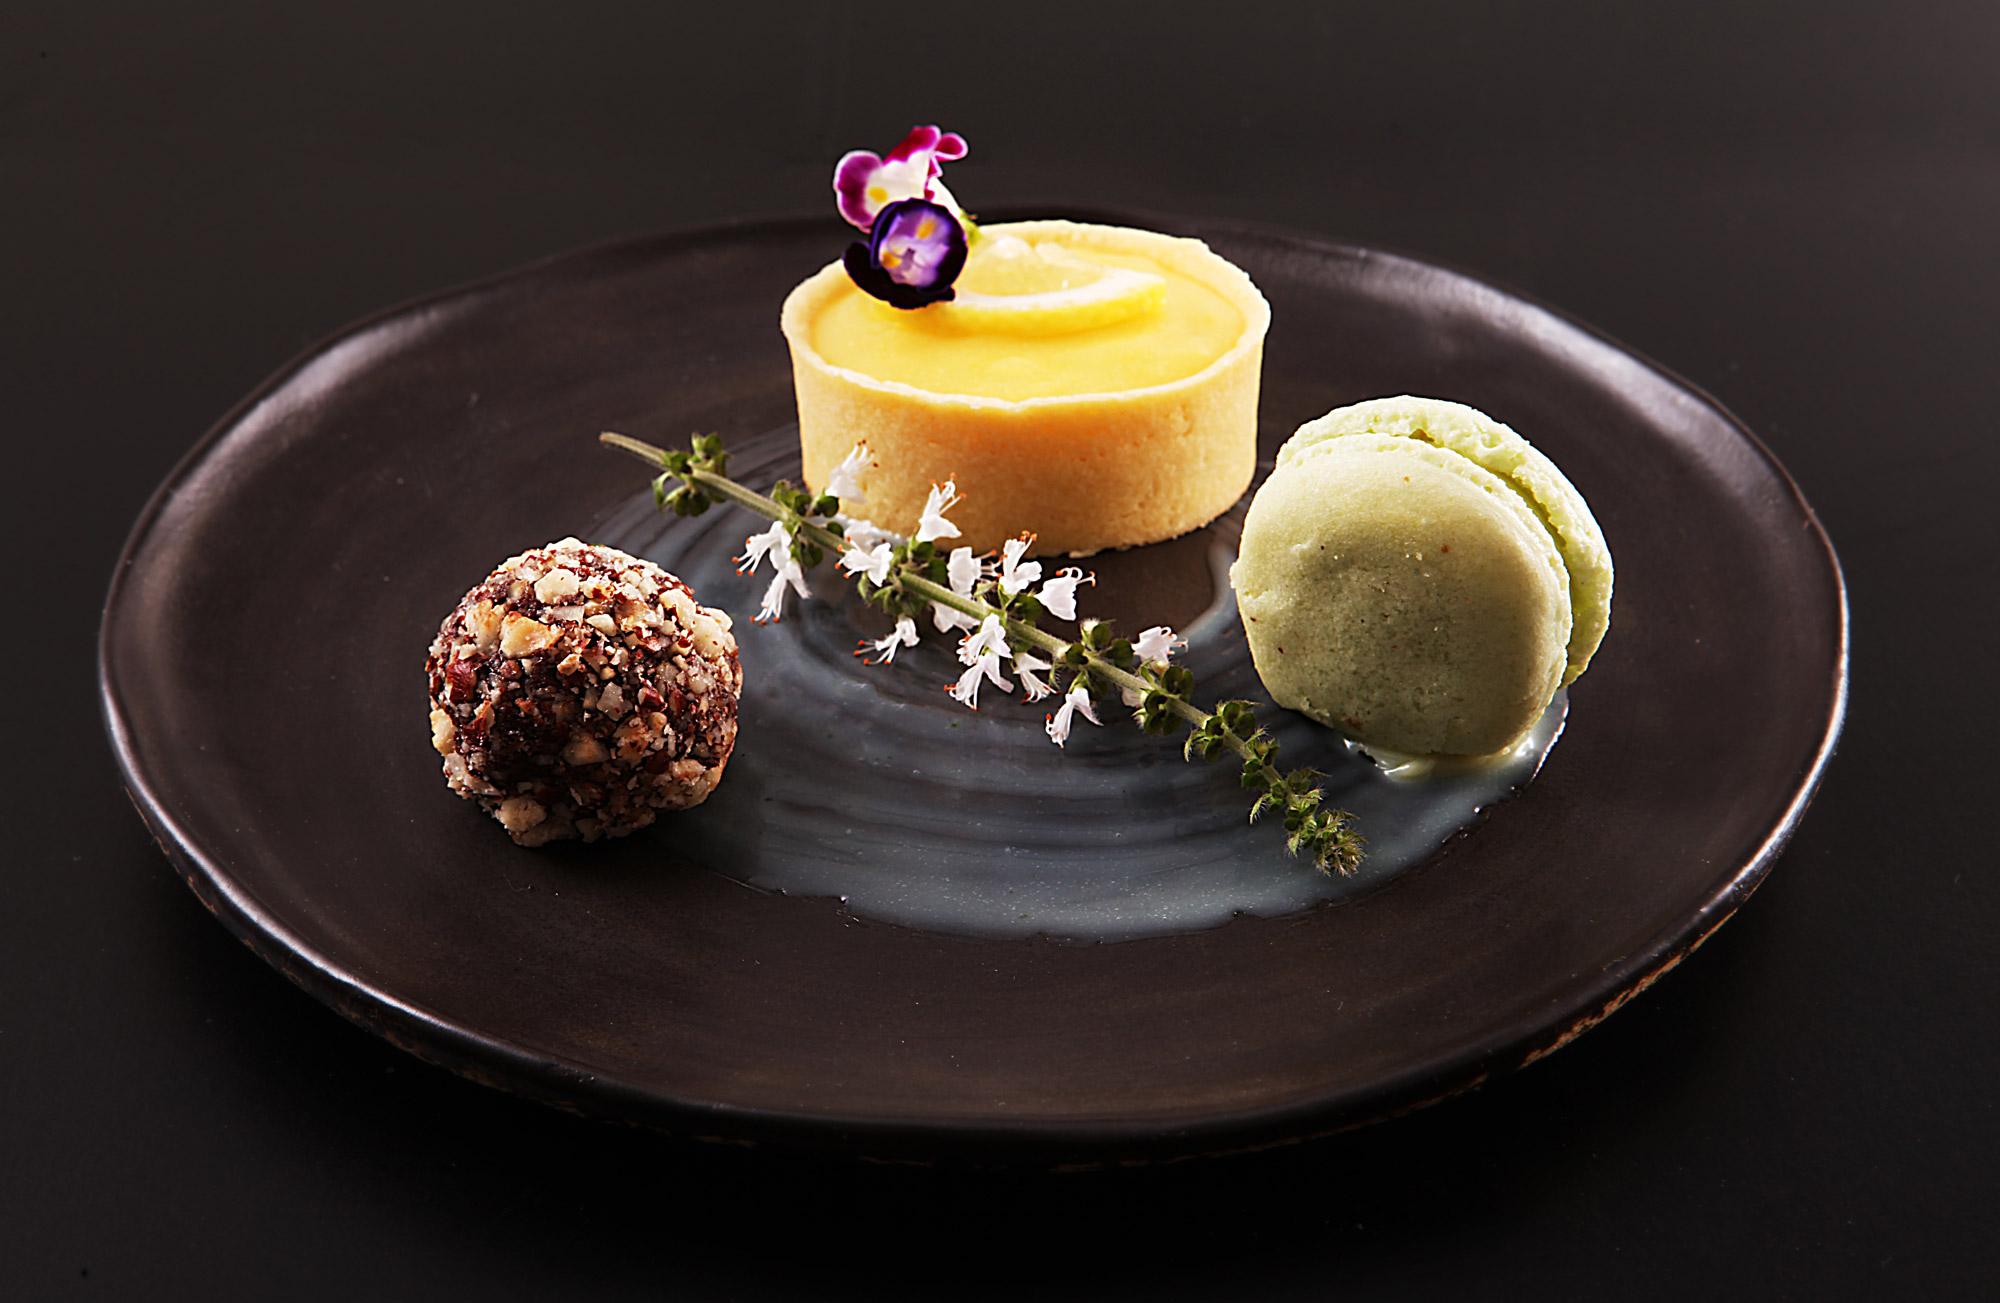 Trio de sobremesas: macaron  + trufa de caramelo salgado e avelãs + Tarte de licor Limoncello